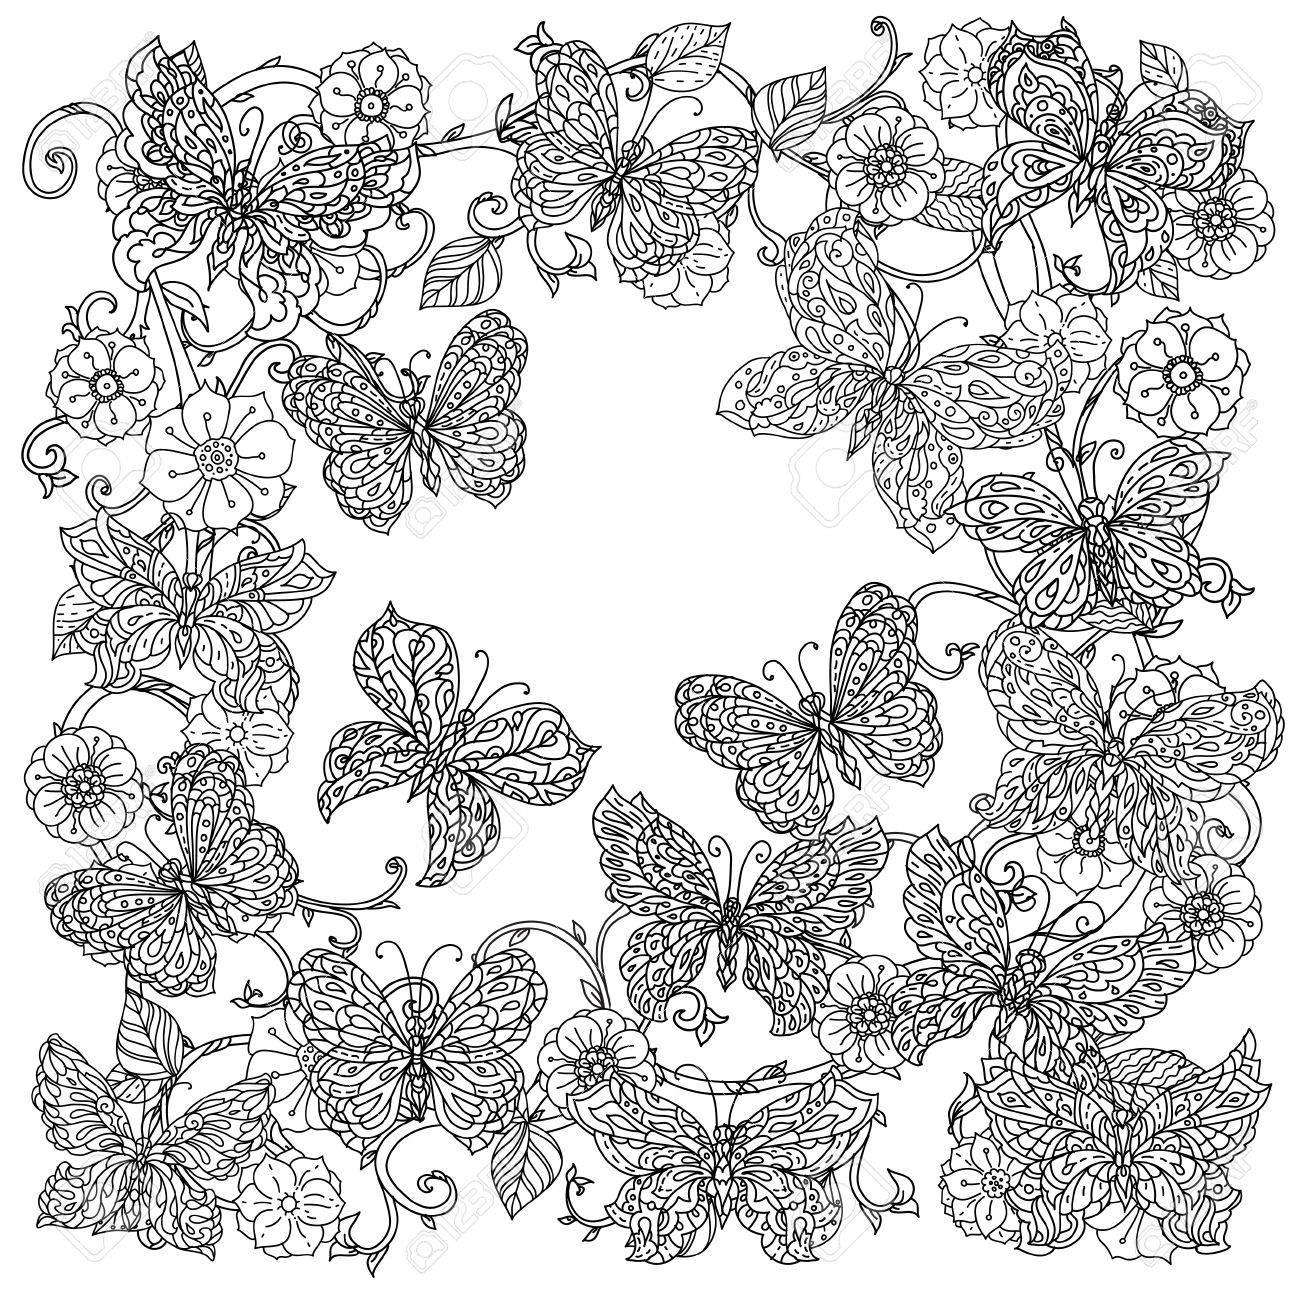 Sin Colorear Flores Y Mariposas Para Colorear De Adultos En El